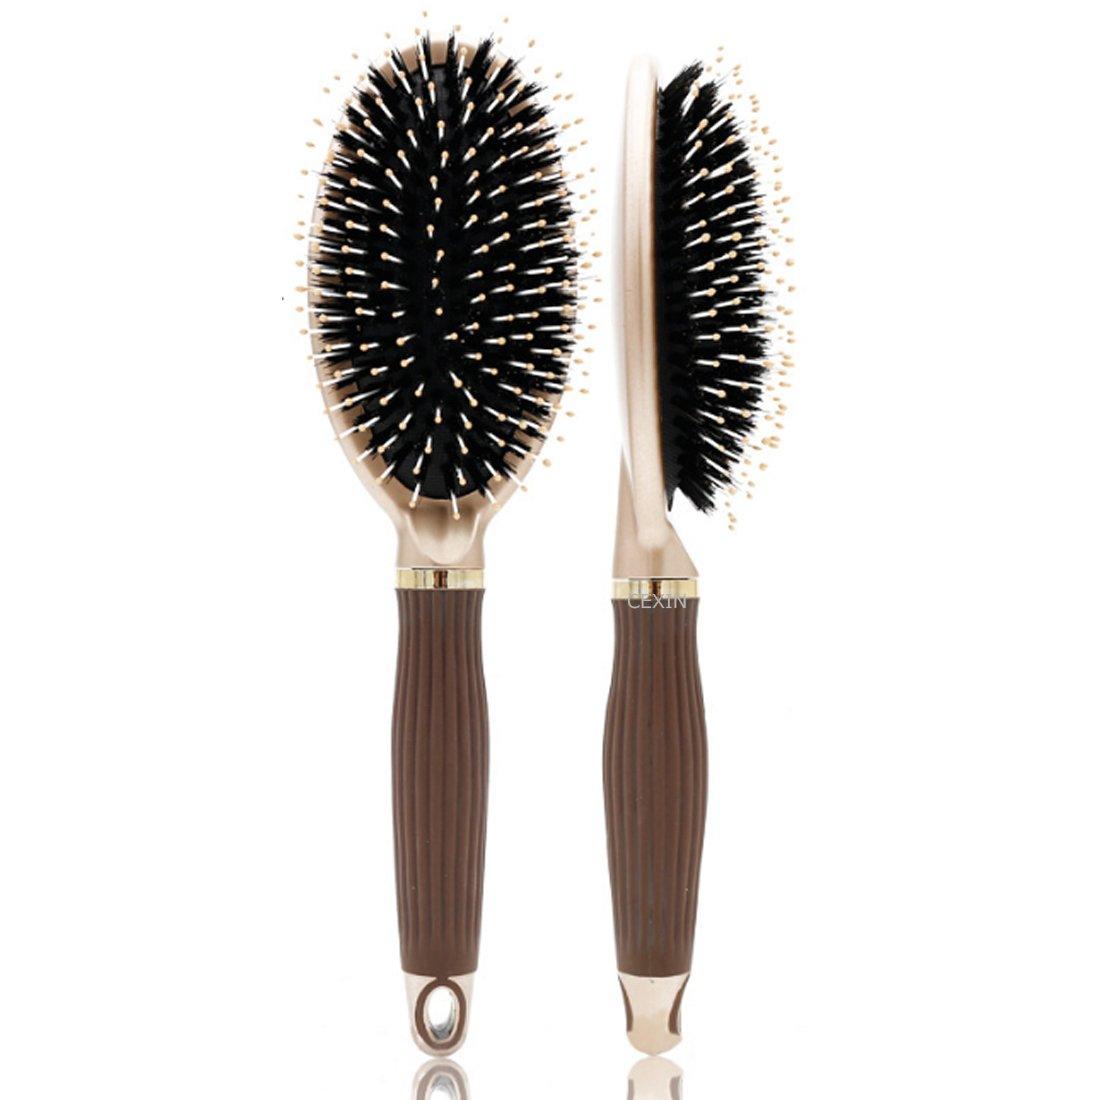 professionnel Poils en nylon Peigne démêlant antistatique Massage Brosse à cheveux bouclés coiffure Peigne Cexin